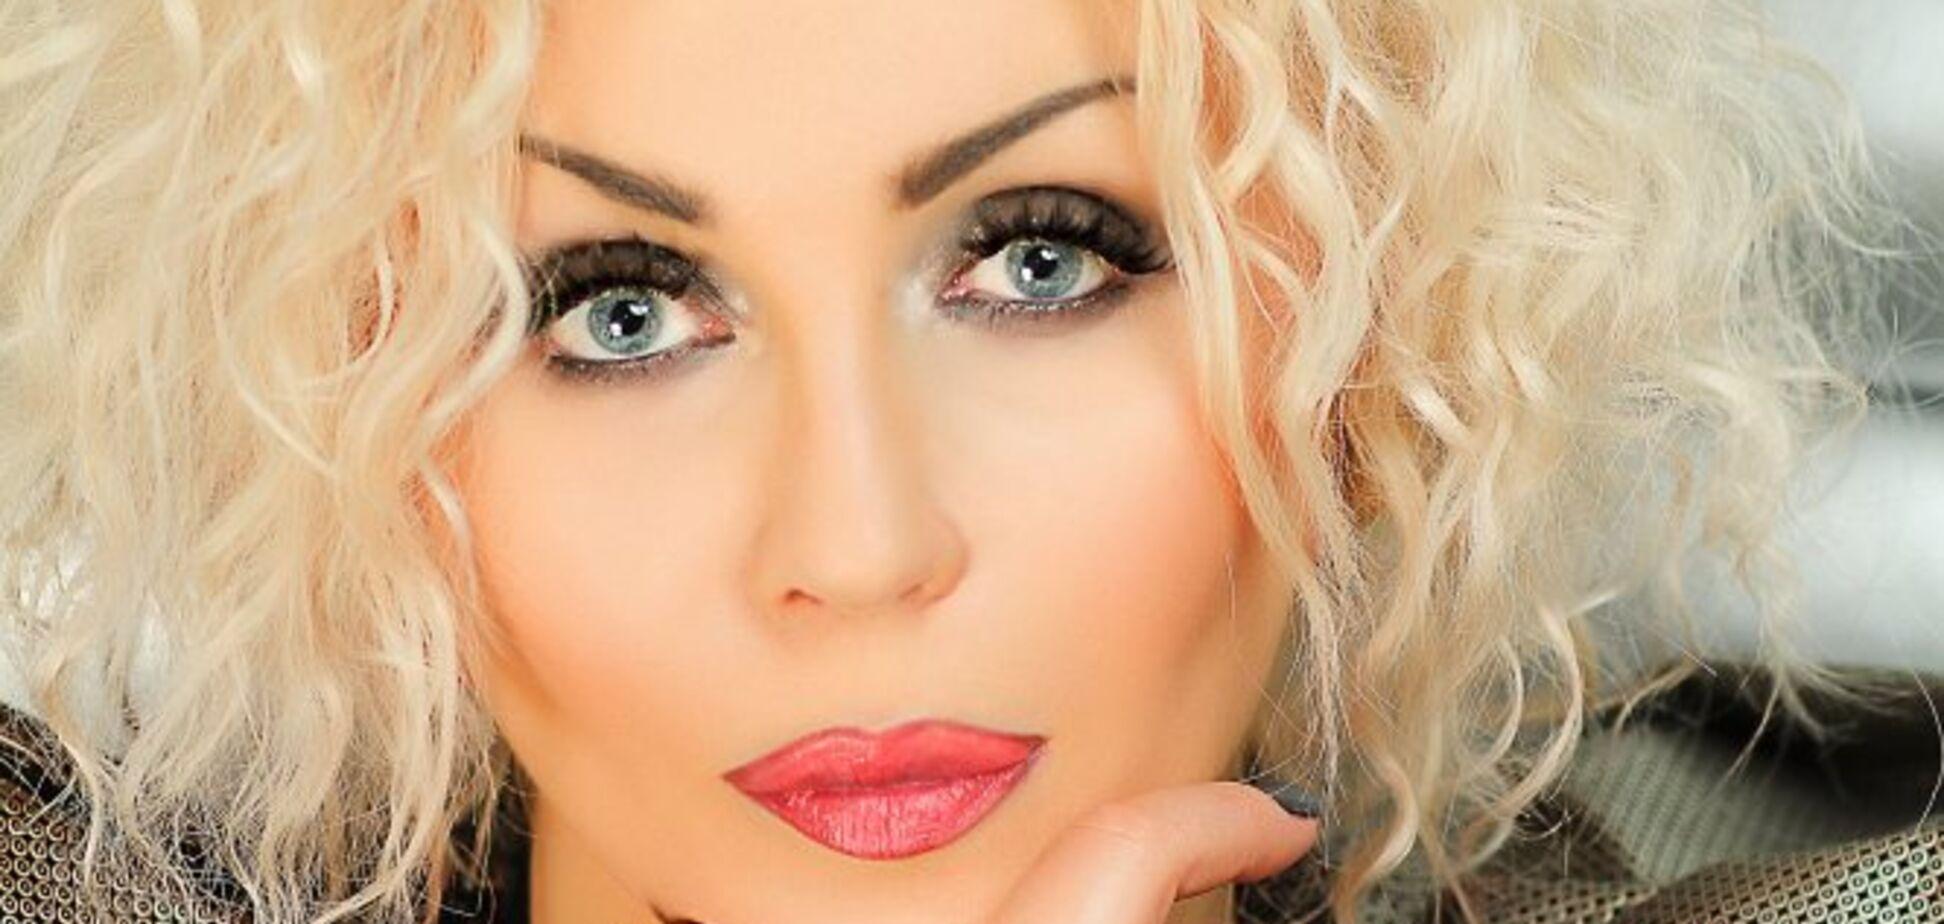 Ірина Білик святкує 50-річчя: спекотні фото 'української Мадонни'